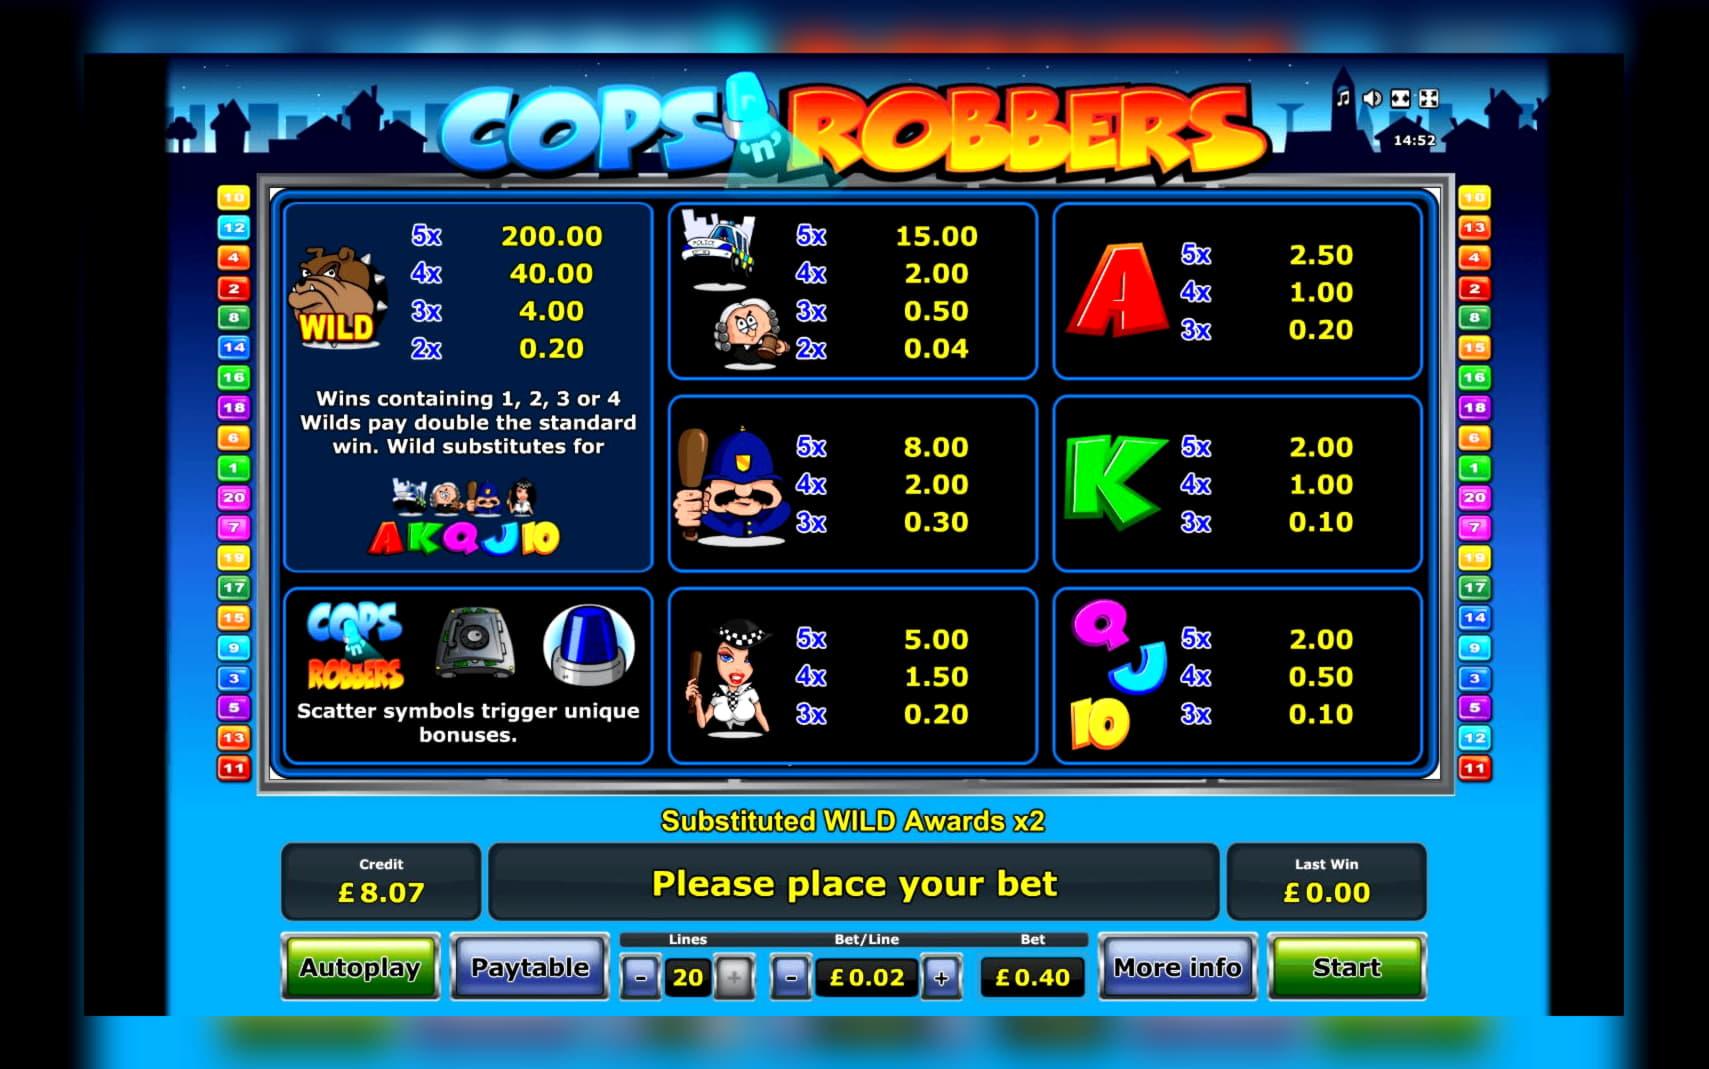 ชิปคาสิโนฟรี $ 111 ที่ Uptown Pokies Casino